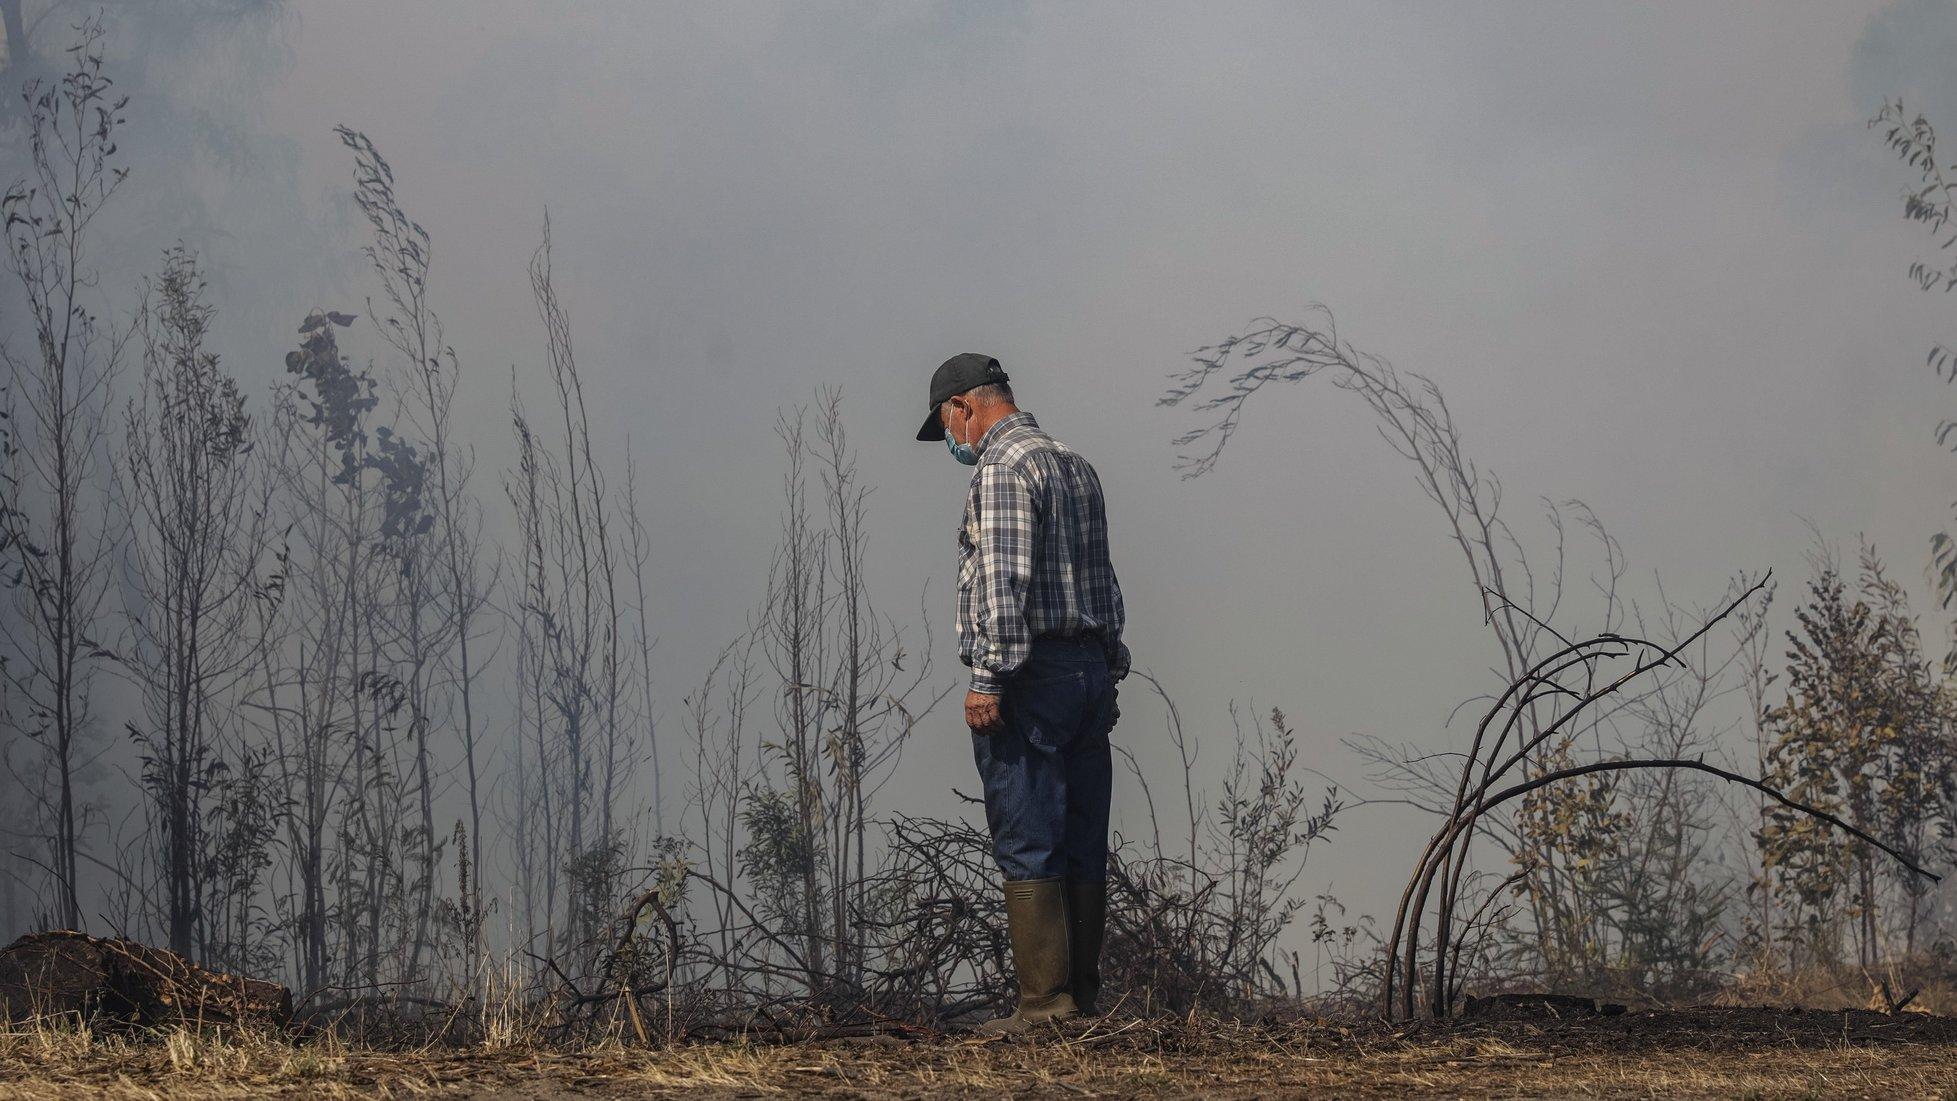 Um popular reage durante o incêndio florestal que lavra desde segunda-feira nos concelhos de Oliveira de Frades e Sever do Vouga, em Cedrim, 08 de setembro de 2020. A Estrada Nacional (EN) 328 encontra-se hoje cortada entre as freguesias de Pessegueiro do Vouga e Talhadas, na saída para a Autoestrada 25 (A25), no concelho de Sever do Vouga, devido ao incêndio de Oliveira de Frades. PAULO NOVAIS/LUSA